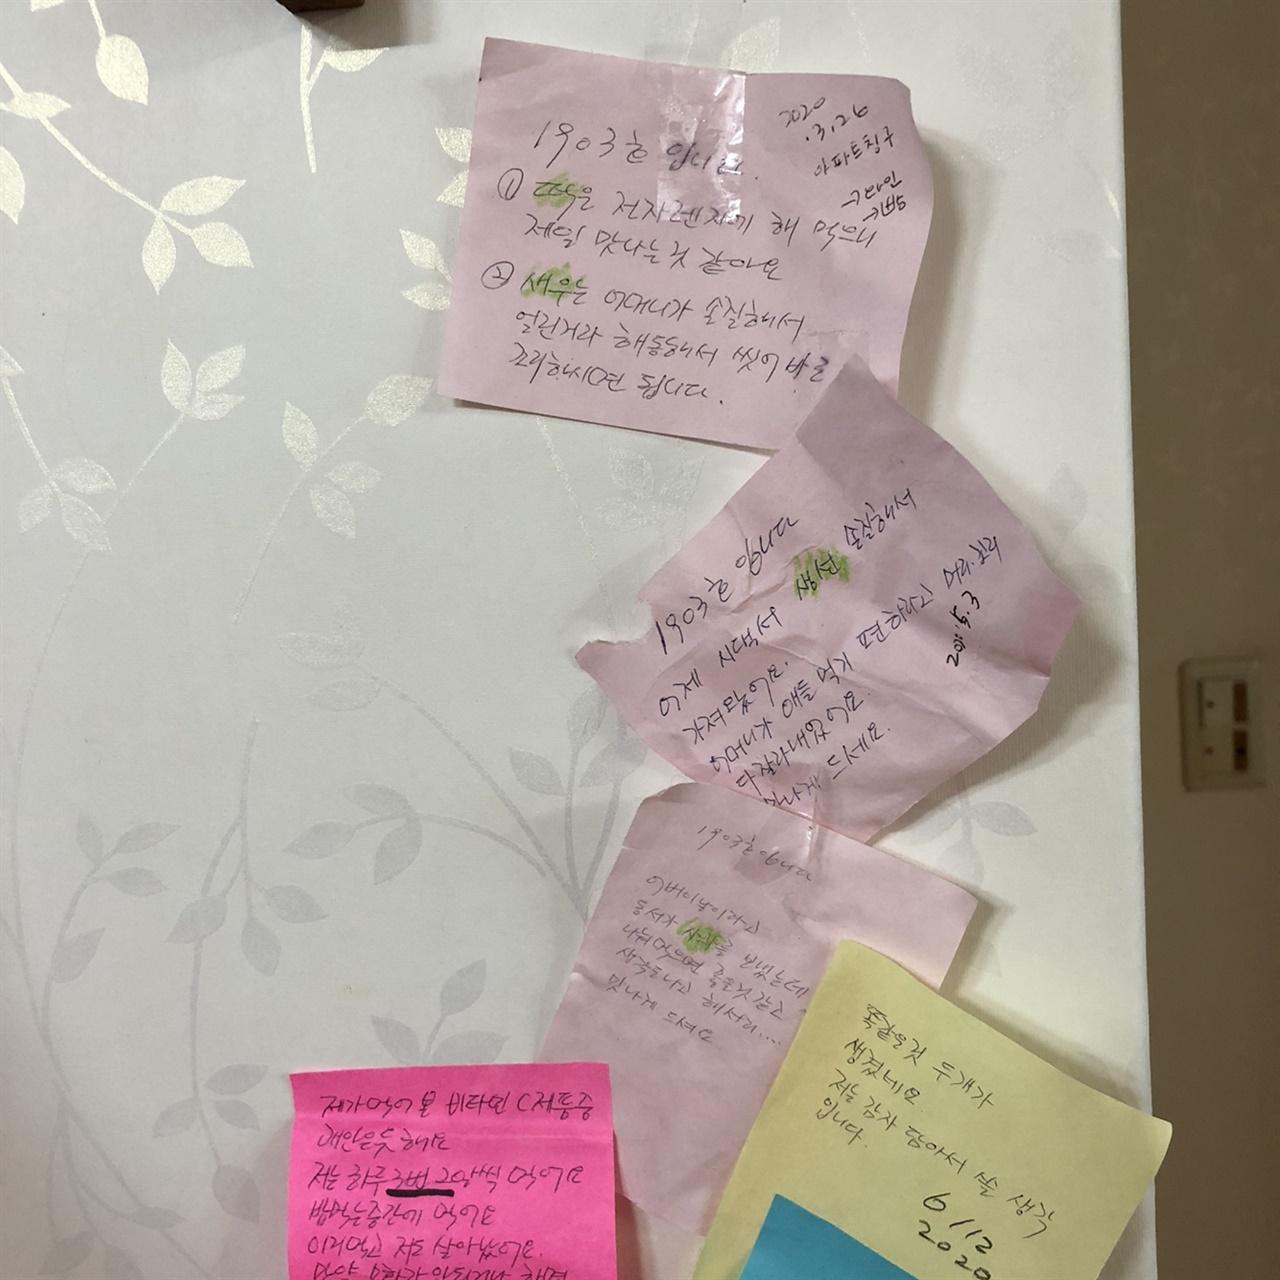 아파트 친구와 펜팔 내 벽에 붙은 메모가 줄줄이 비엔나처럼 길어졌다.